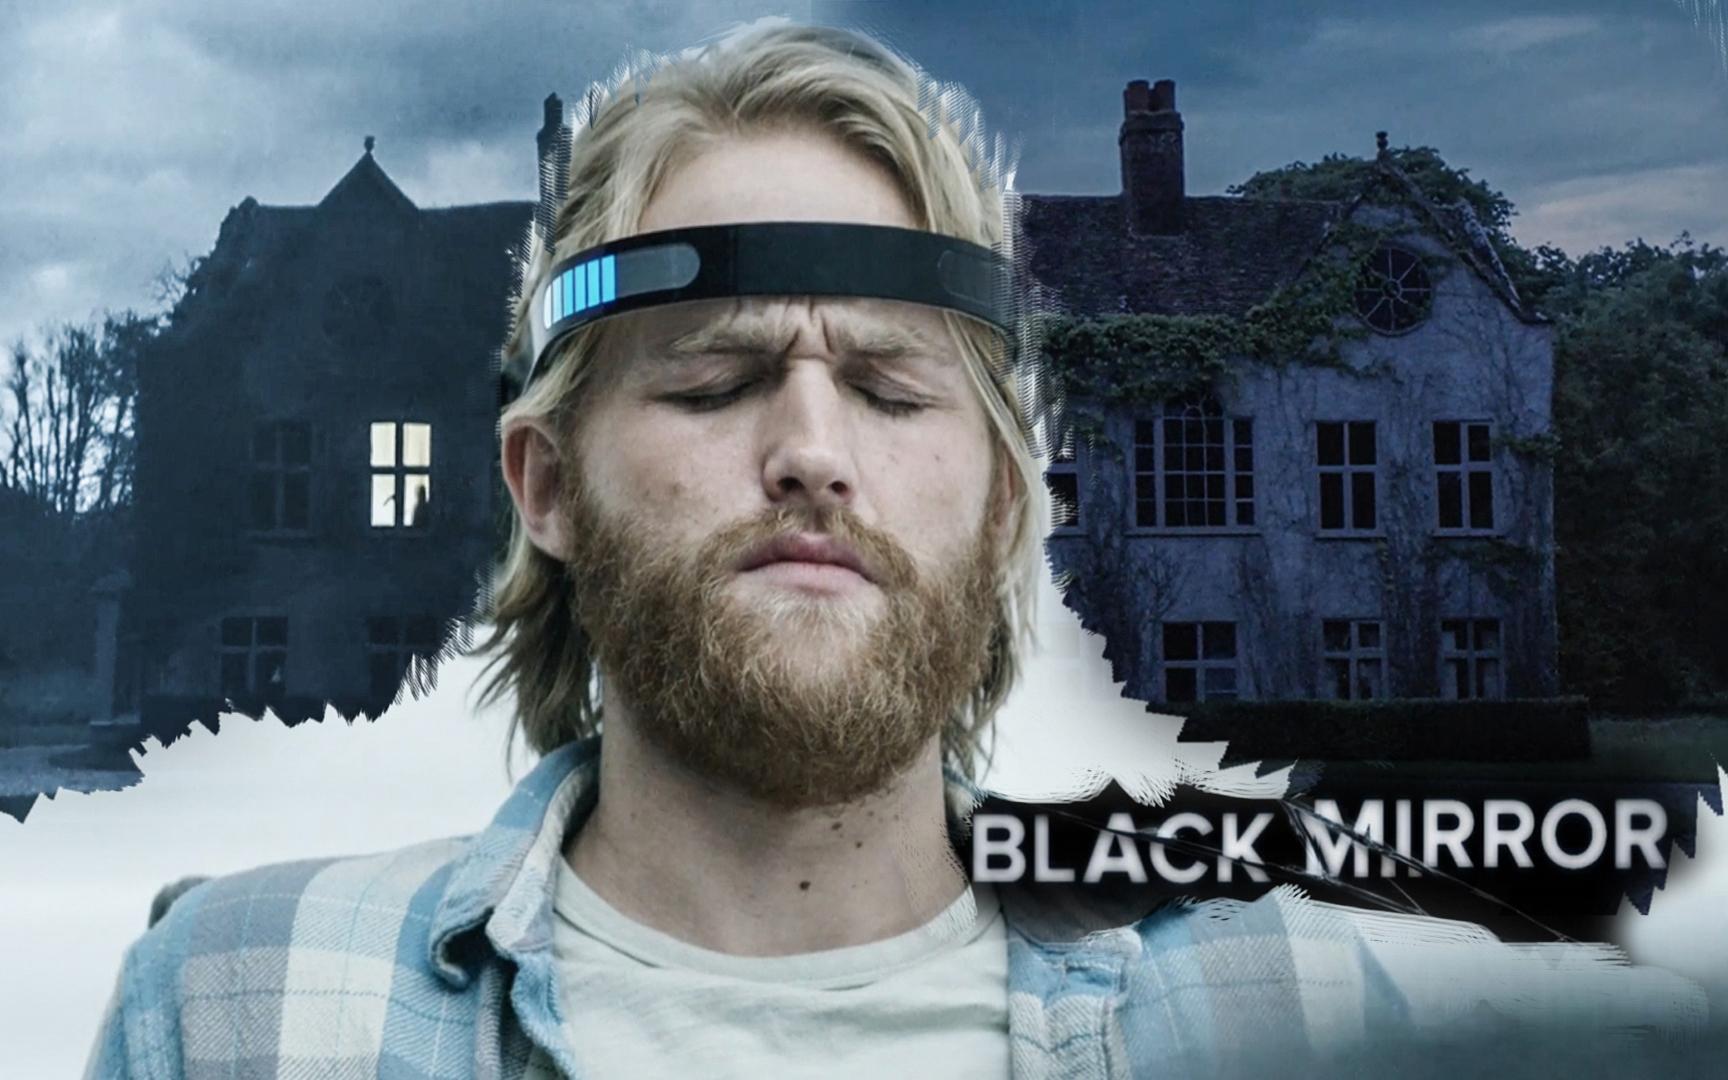 【墨菲】《黑镜·终极玩家》:超级VR恐怖游戏——提取玩家记忆、监测体征「定制」恐怖元素